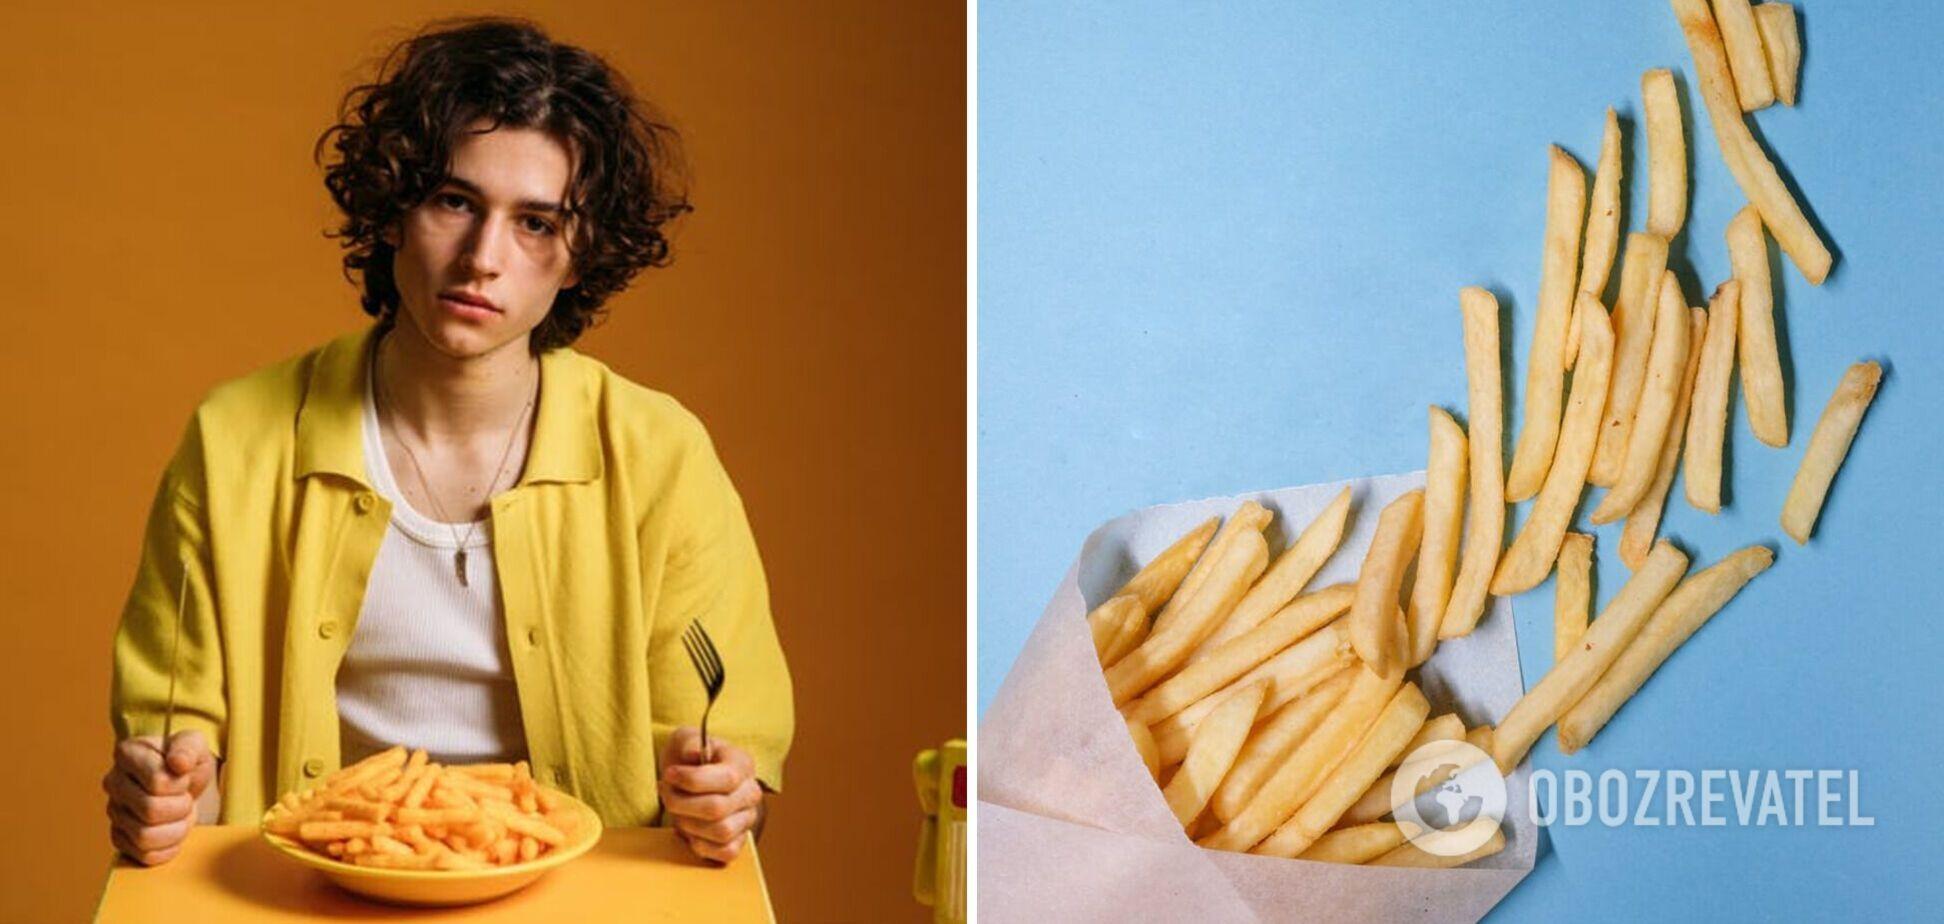 Як посмажити ідеальну картоплю зі скоринкою: лайфхаки шеф-кухаря